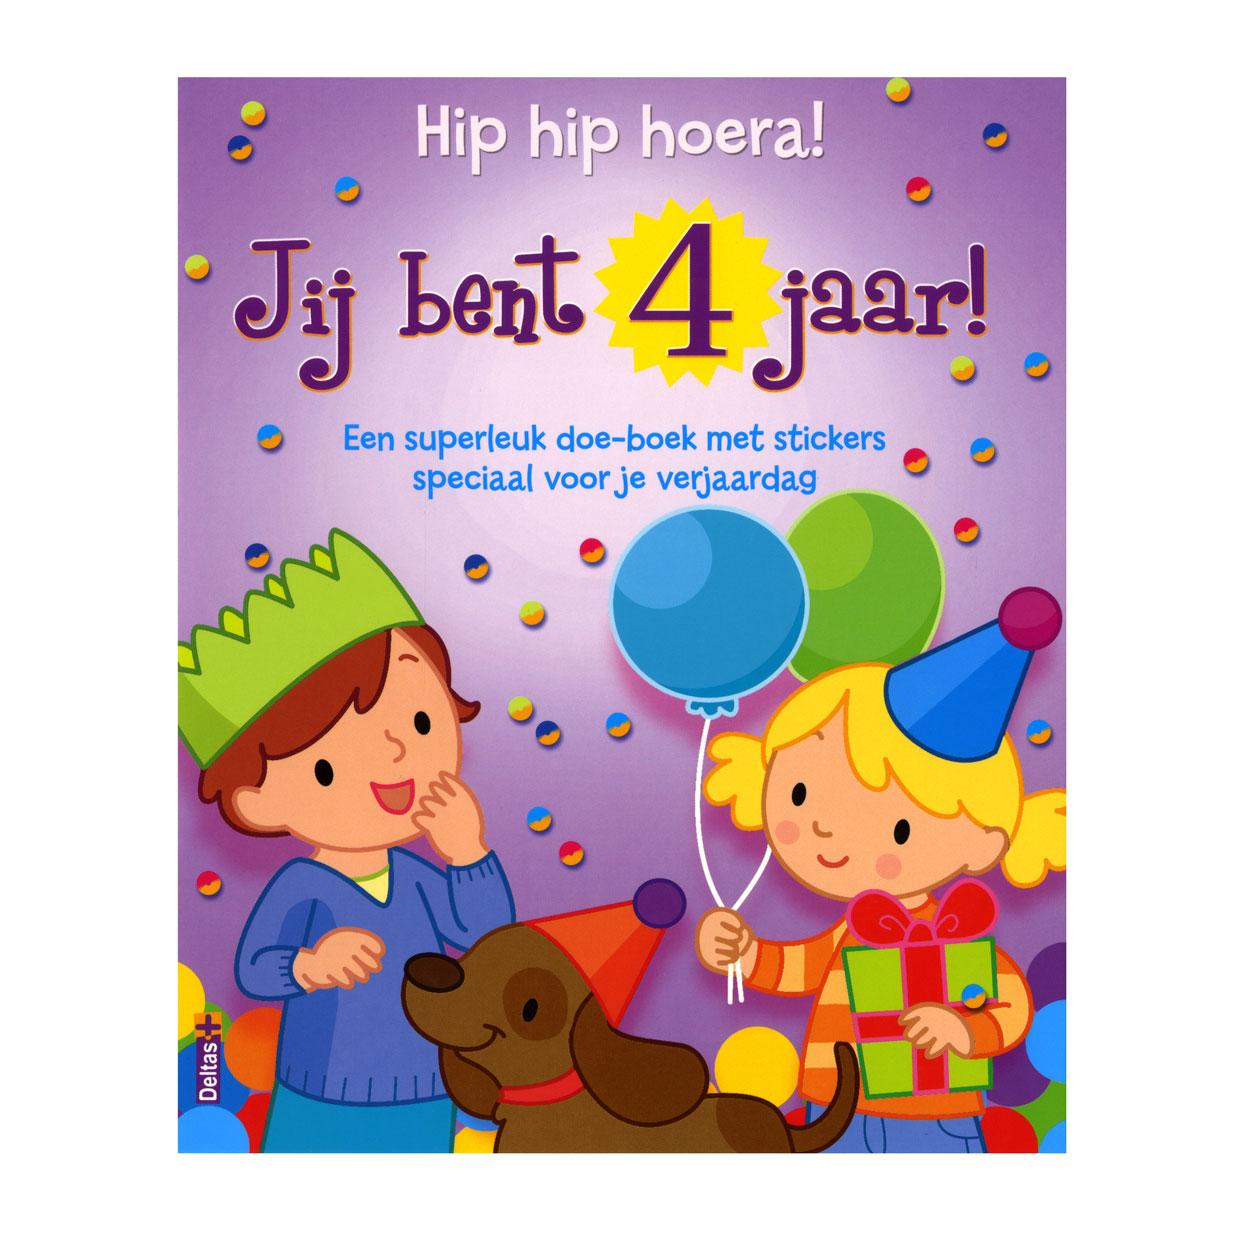 hoera 4 jaar Hip hip hoera! Jij bent 4 jaar online kopen | Lobbes.nl hoera 4 jaar